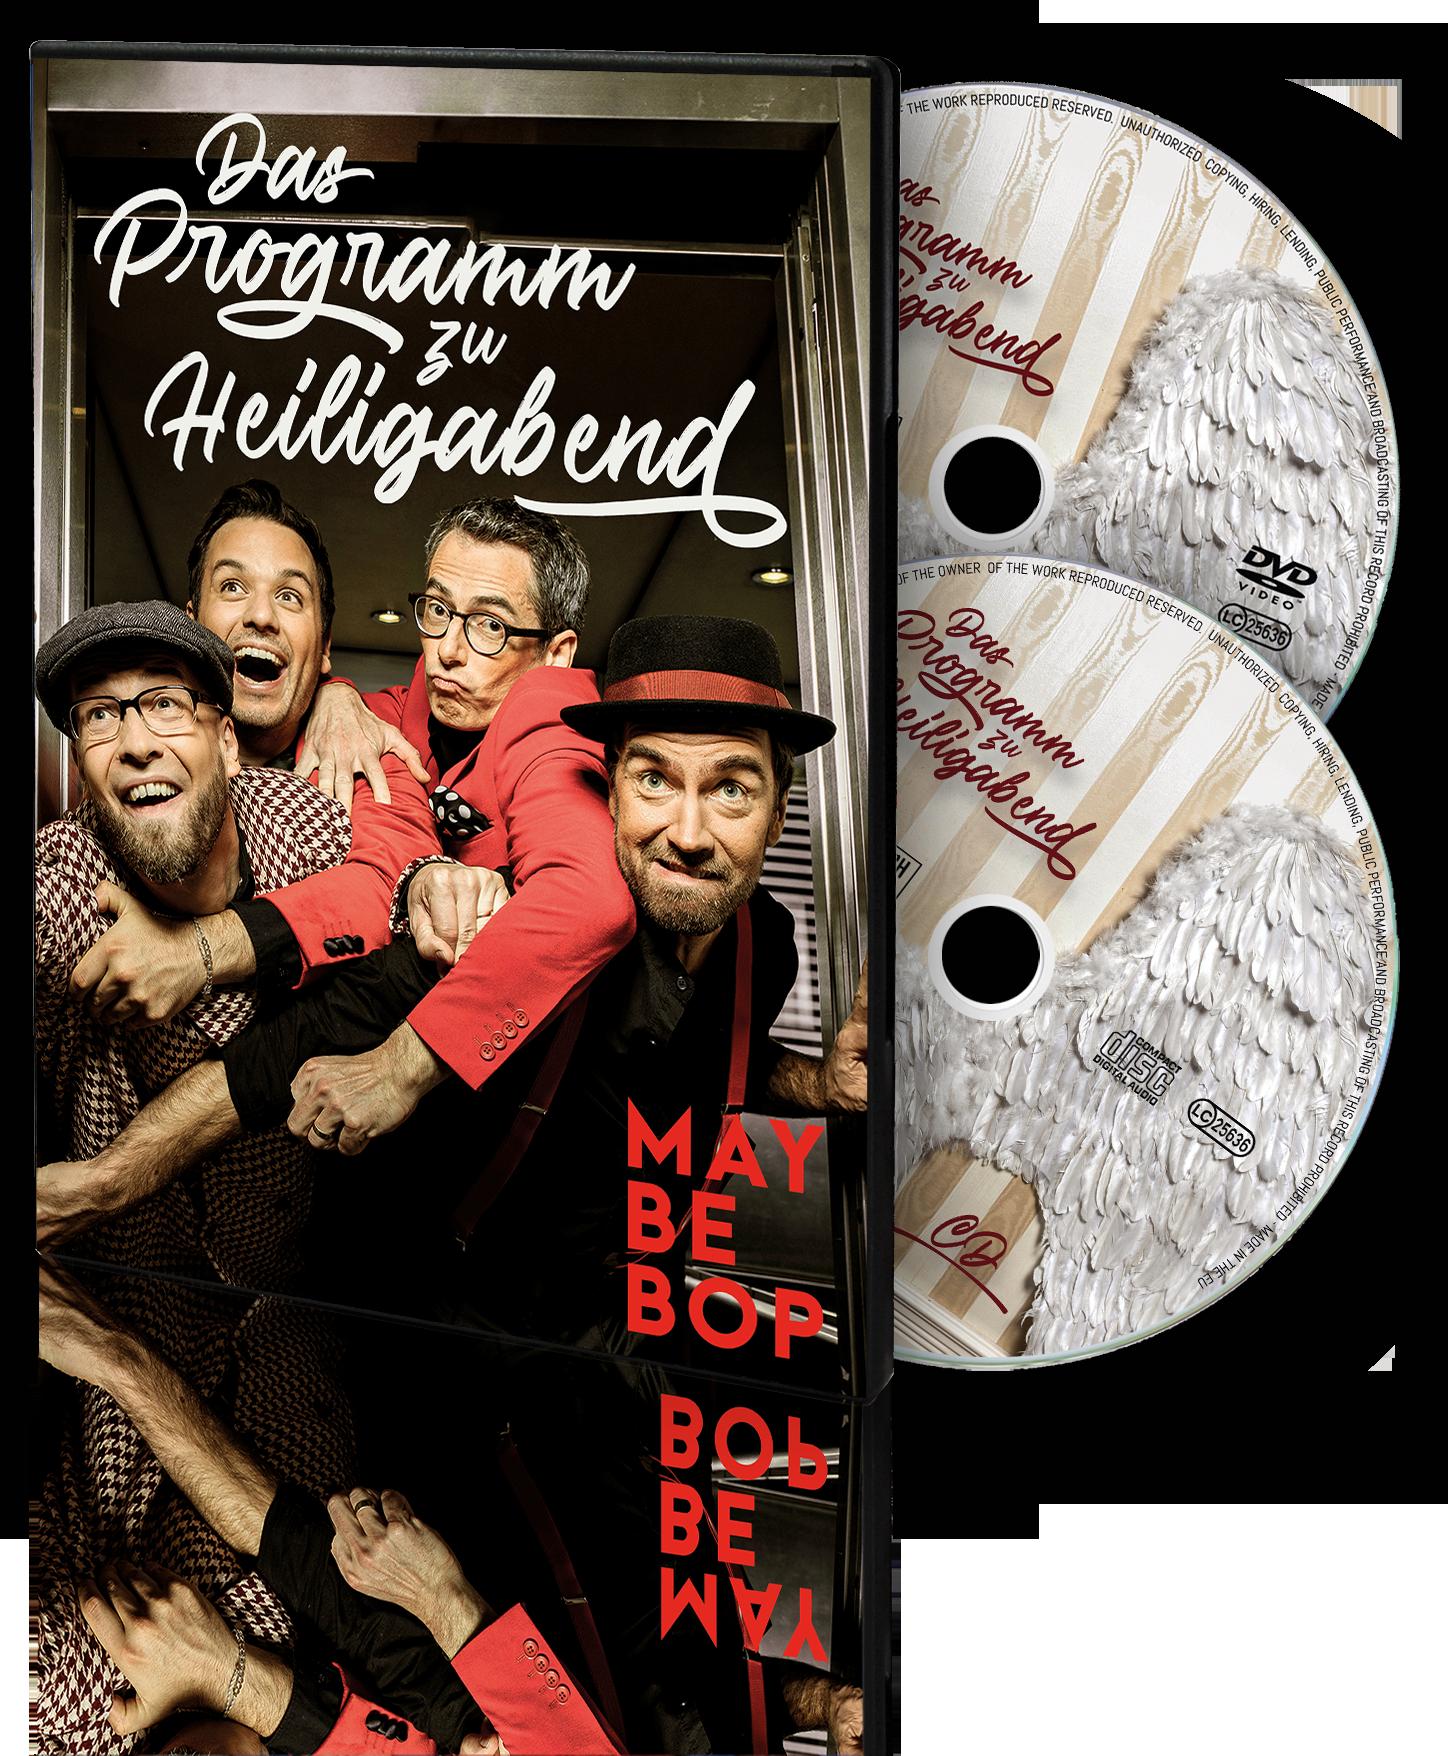 Das Programm zu Heiligabend - Die neue Weihnachts DVD